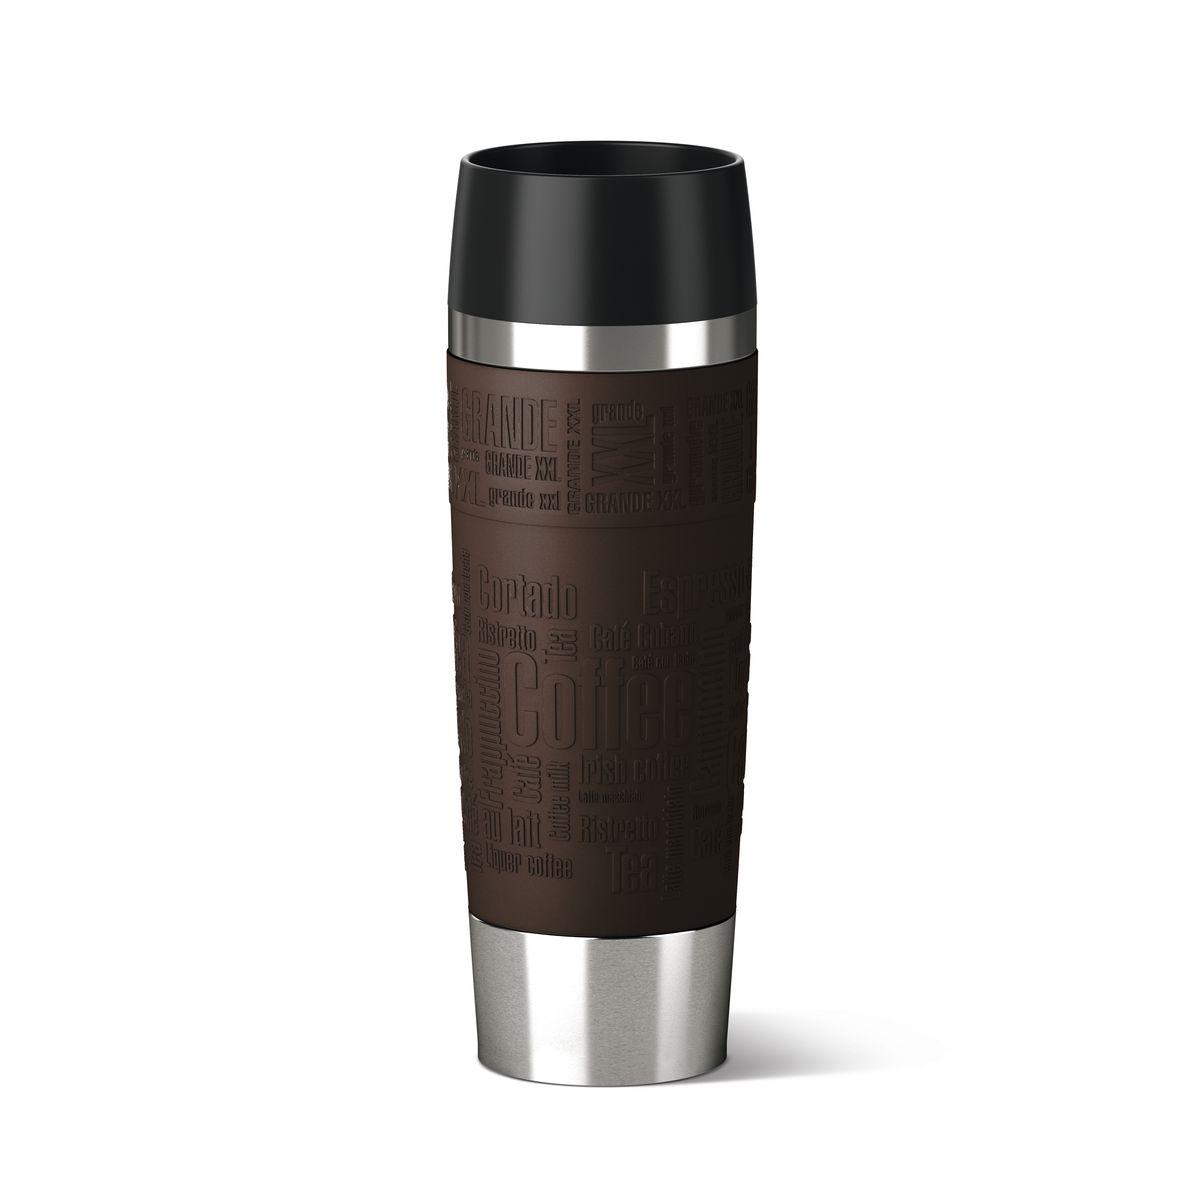 Термокружка Emsa Travel Mug Grande, цвет: коричневый, стальной, 500 мл